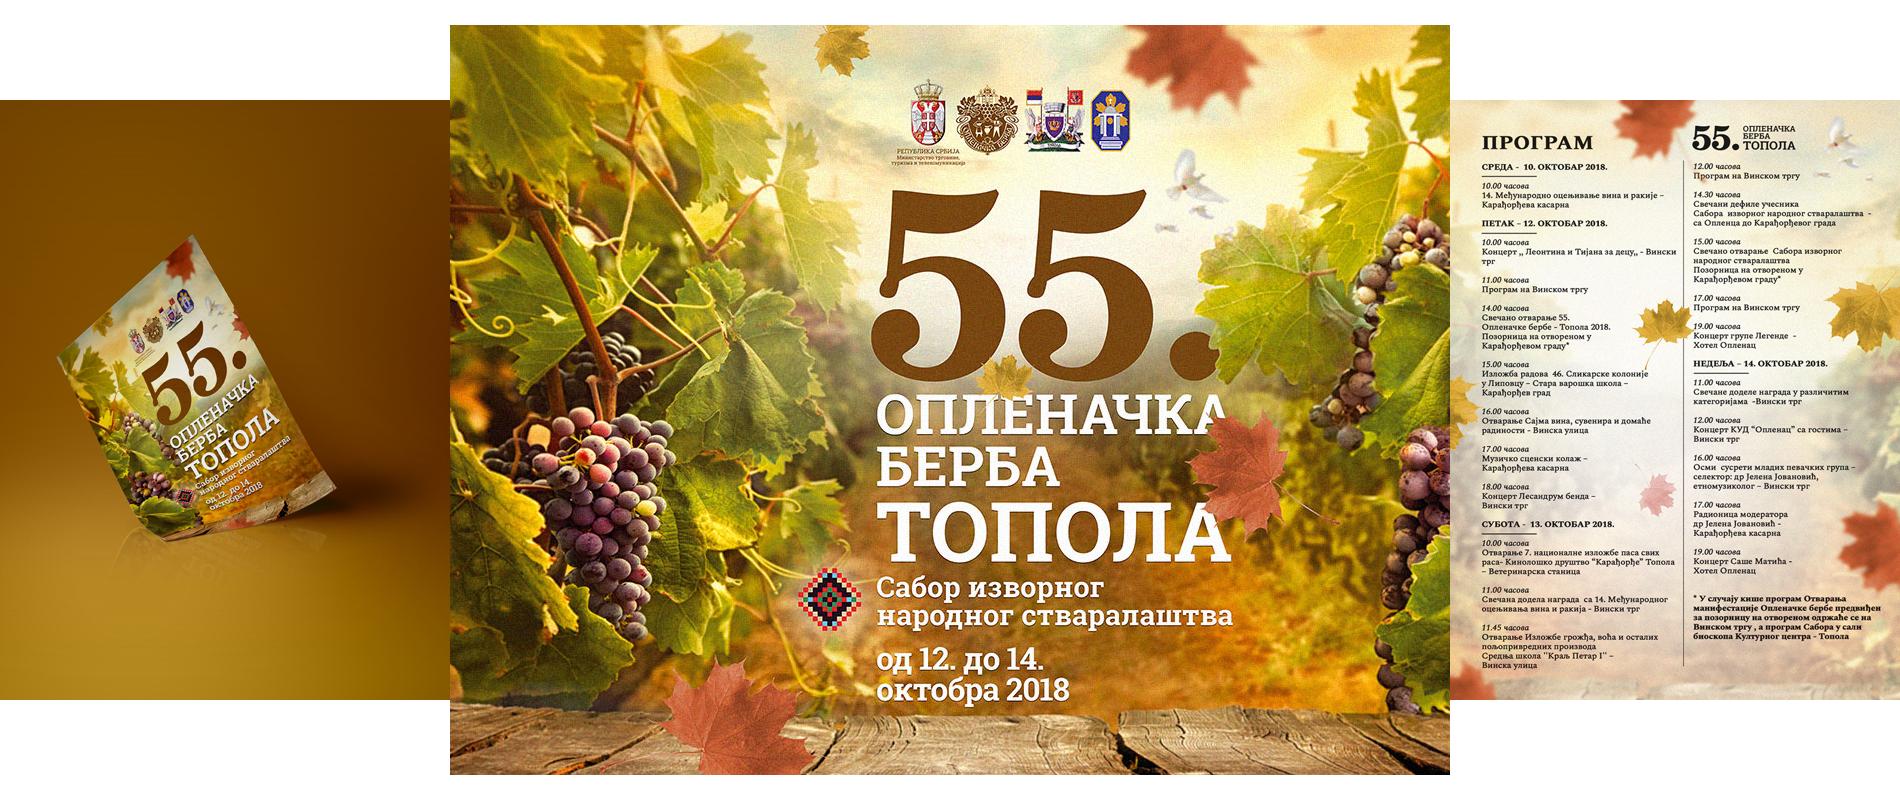 55. ОПЛЕНАЧКА БЕРБА